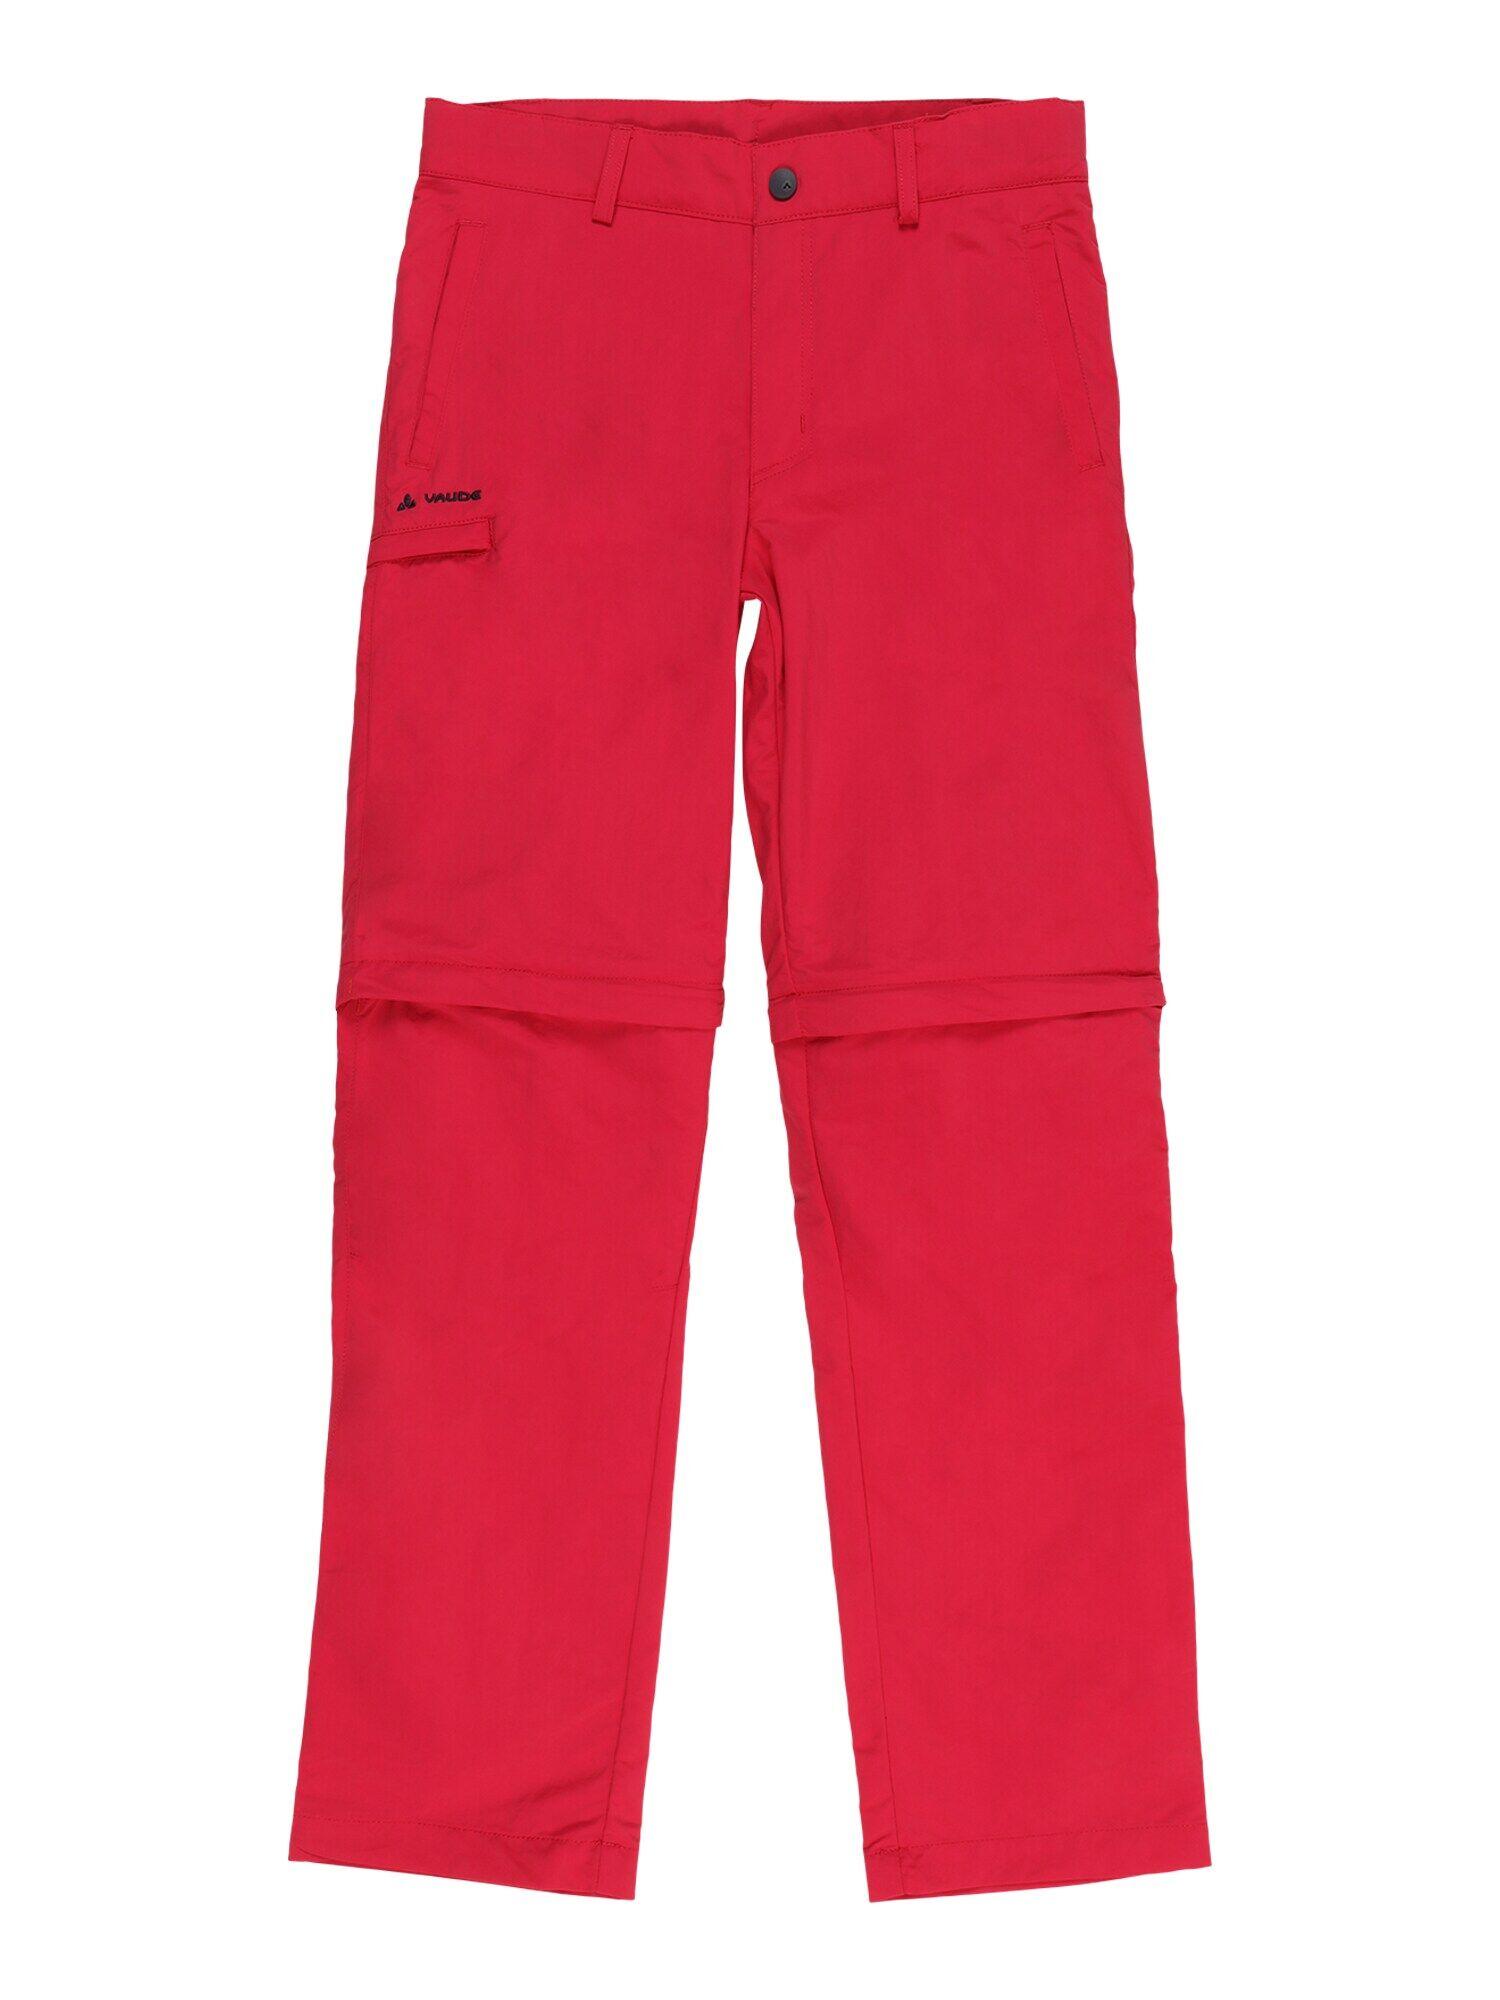 VAUDE Pantalon d'extérieur 'Detective'  - Rouge - Taille: 158-164 - boy